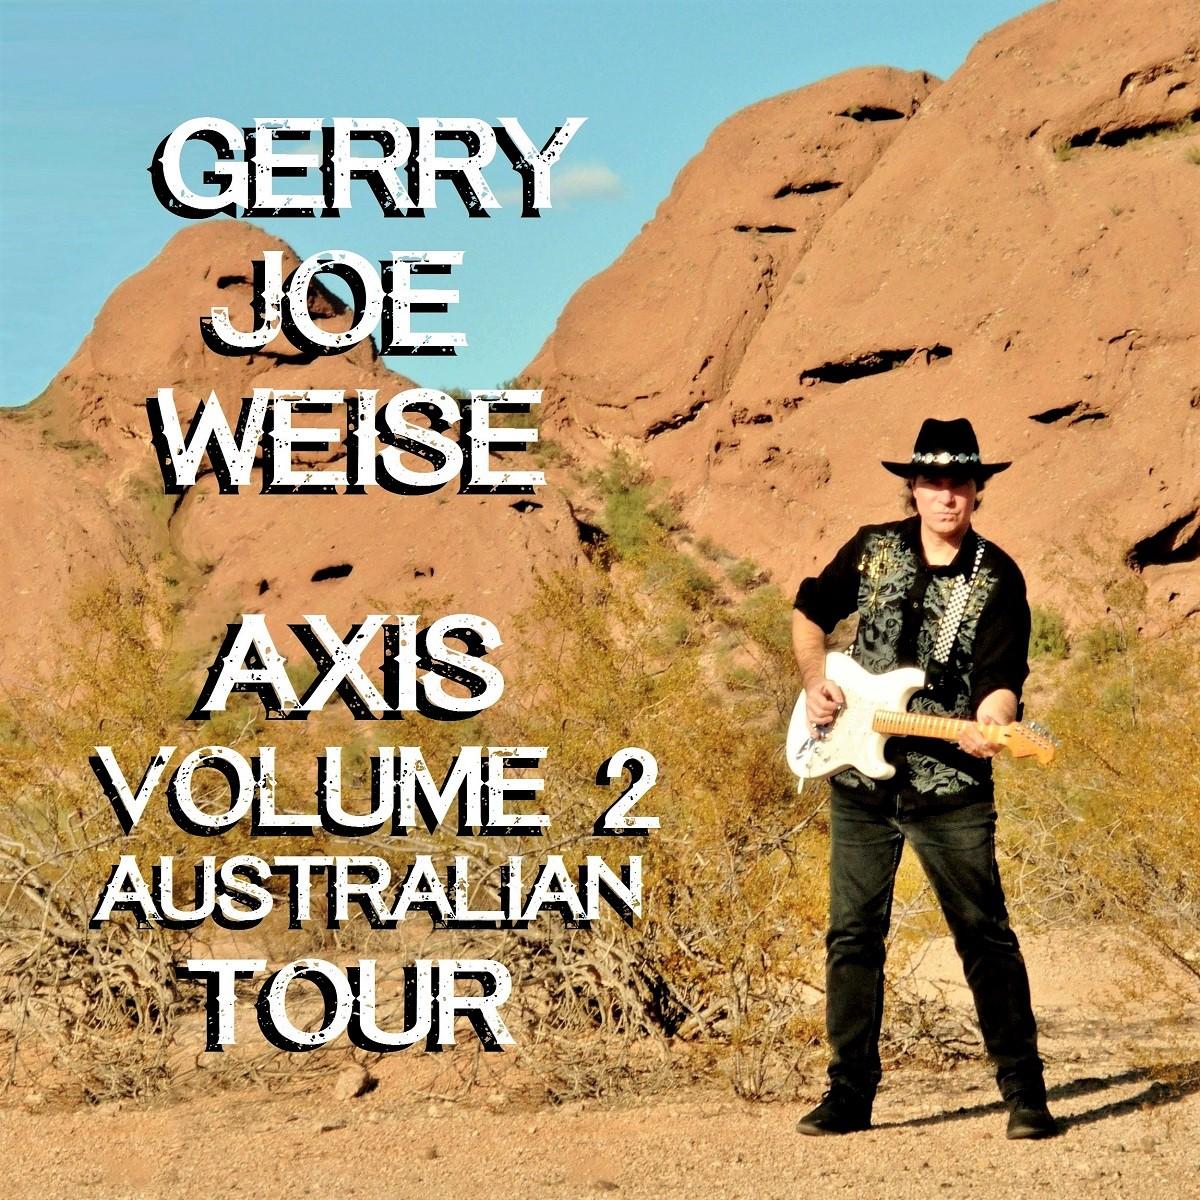 Axis Volume 2 Australian Tour, 2019 album